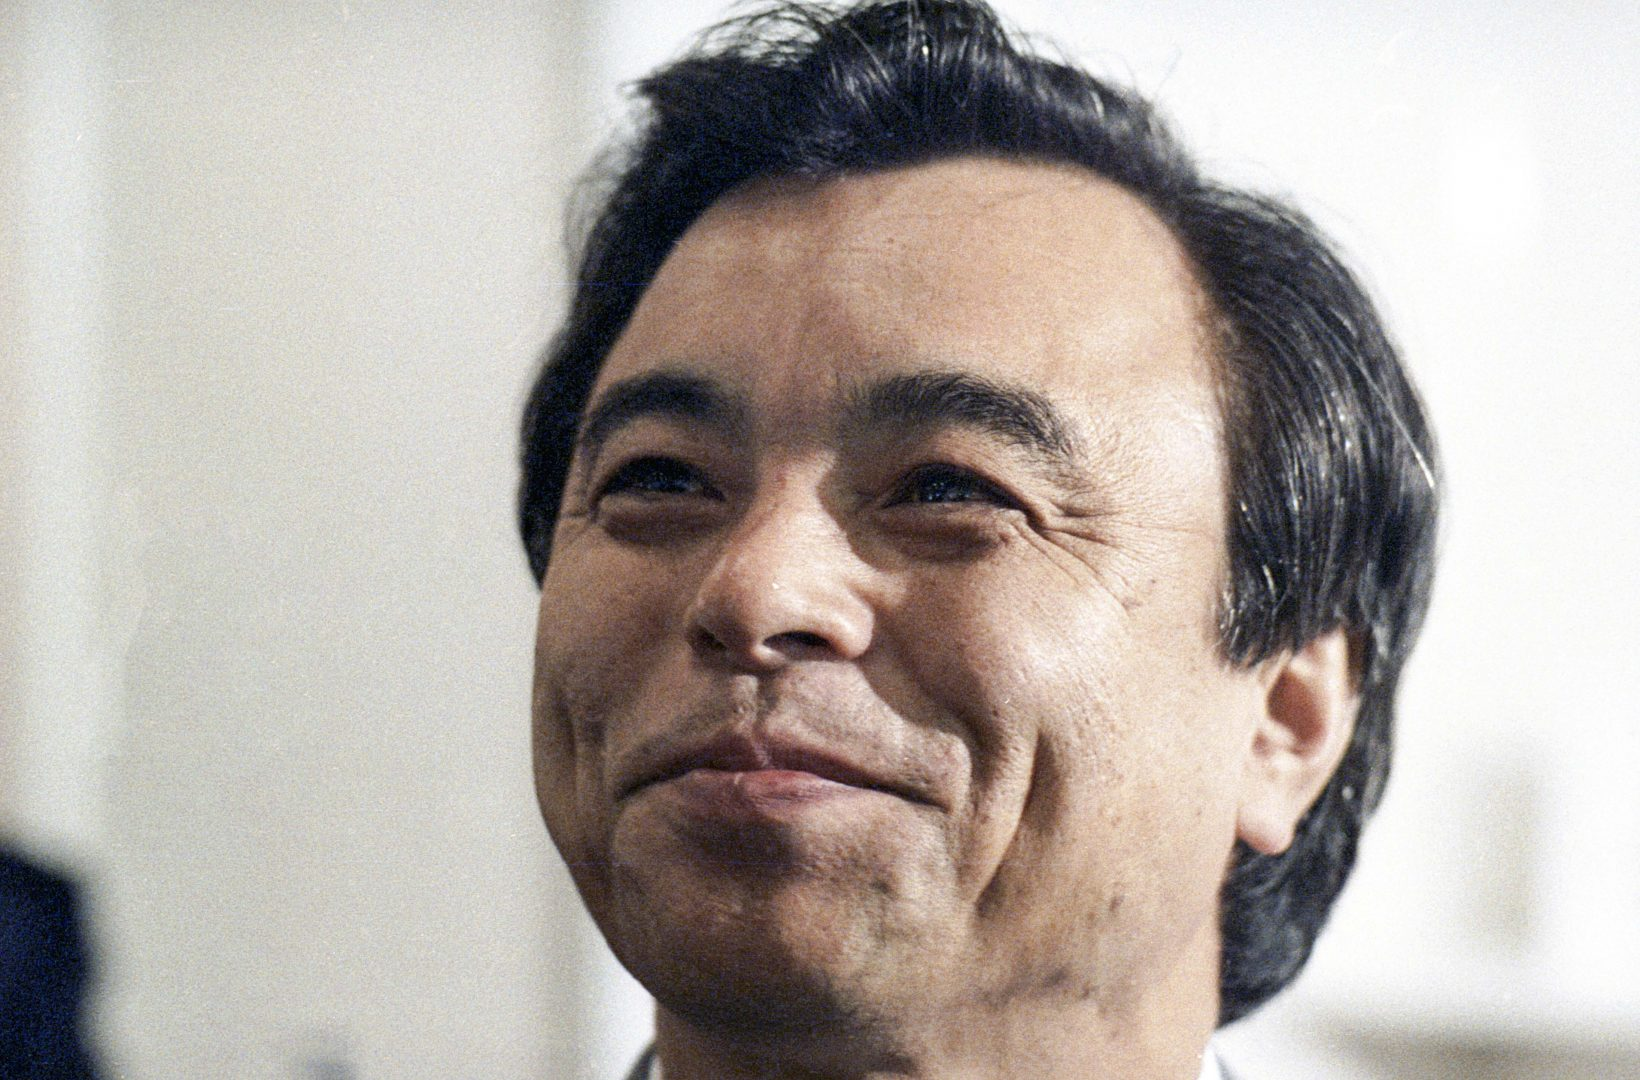 「日本卓球の祖」は誰?「荻村伊智朗」以前、日本卓球の夜明け【シリーズ卓球の歴史#1】